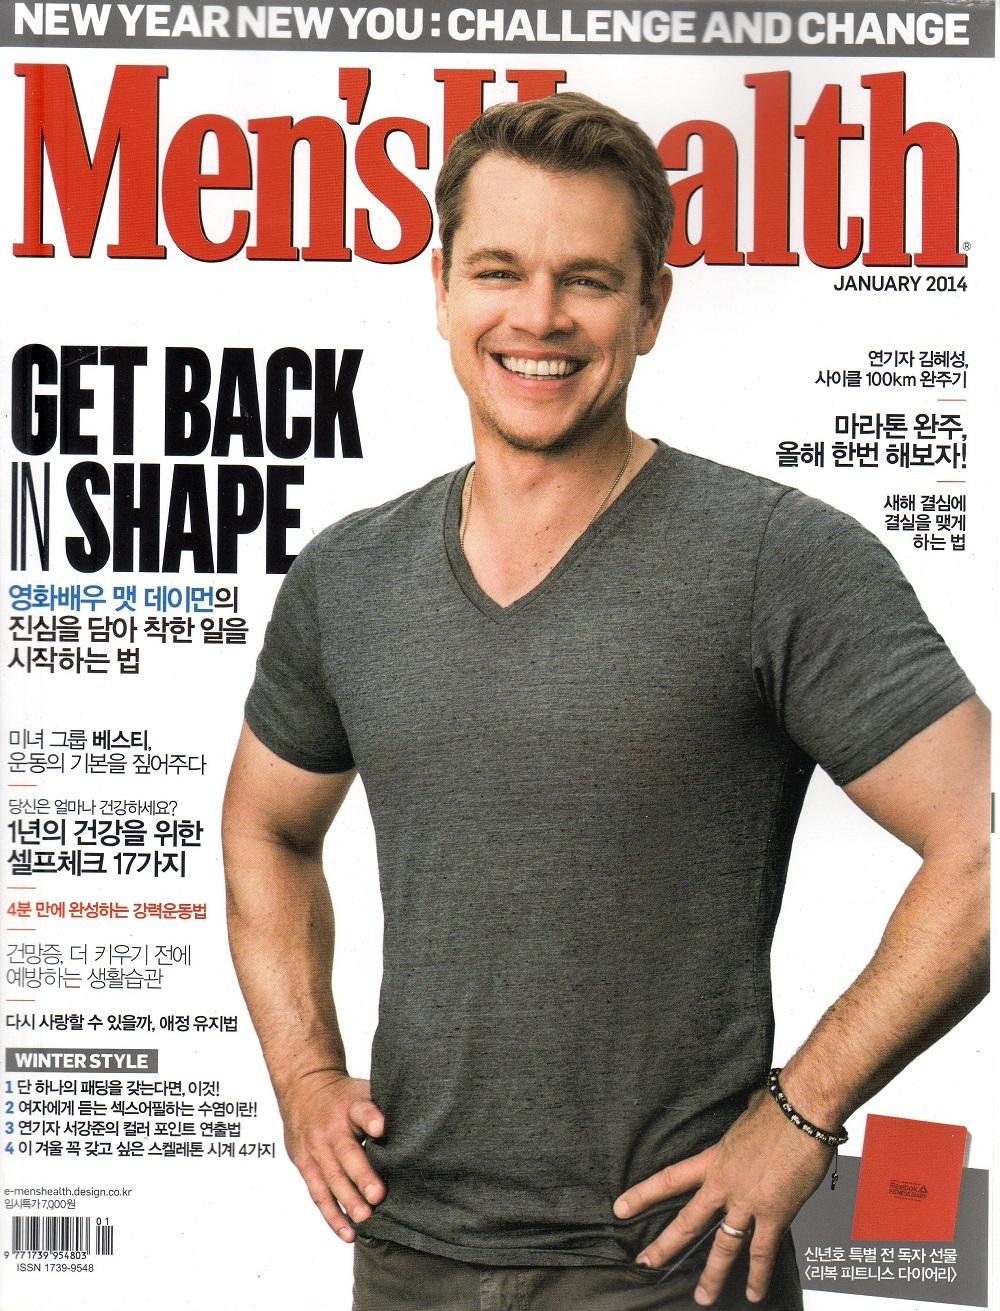 Men's Health Jan 14